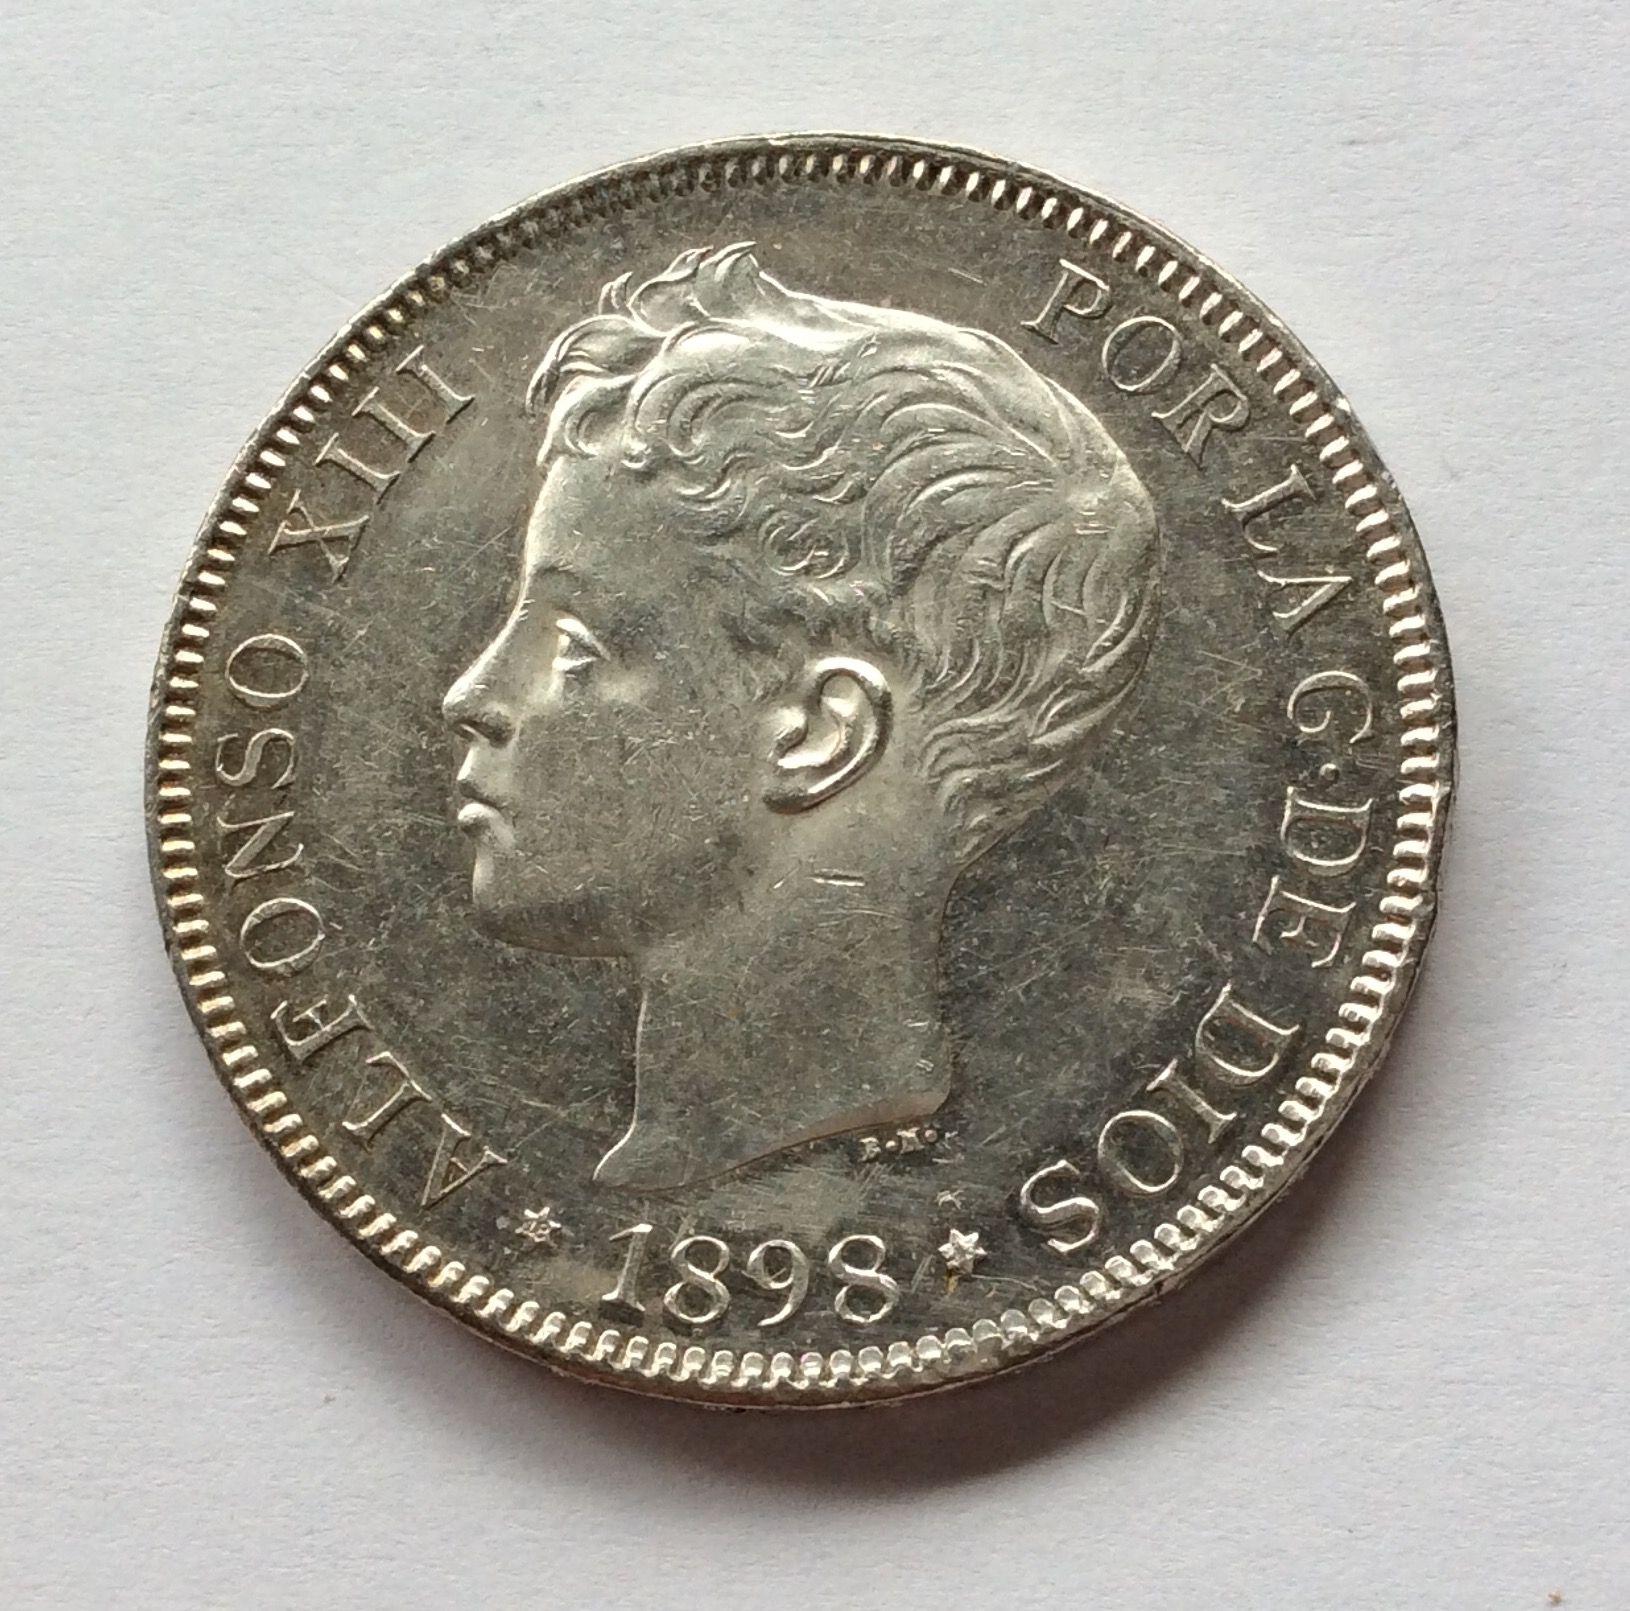 2 euros eu